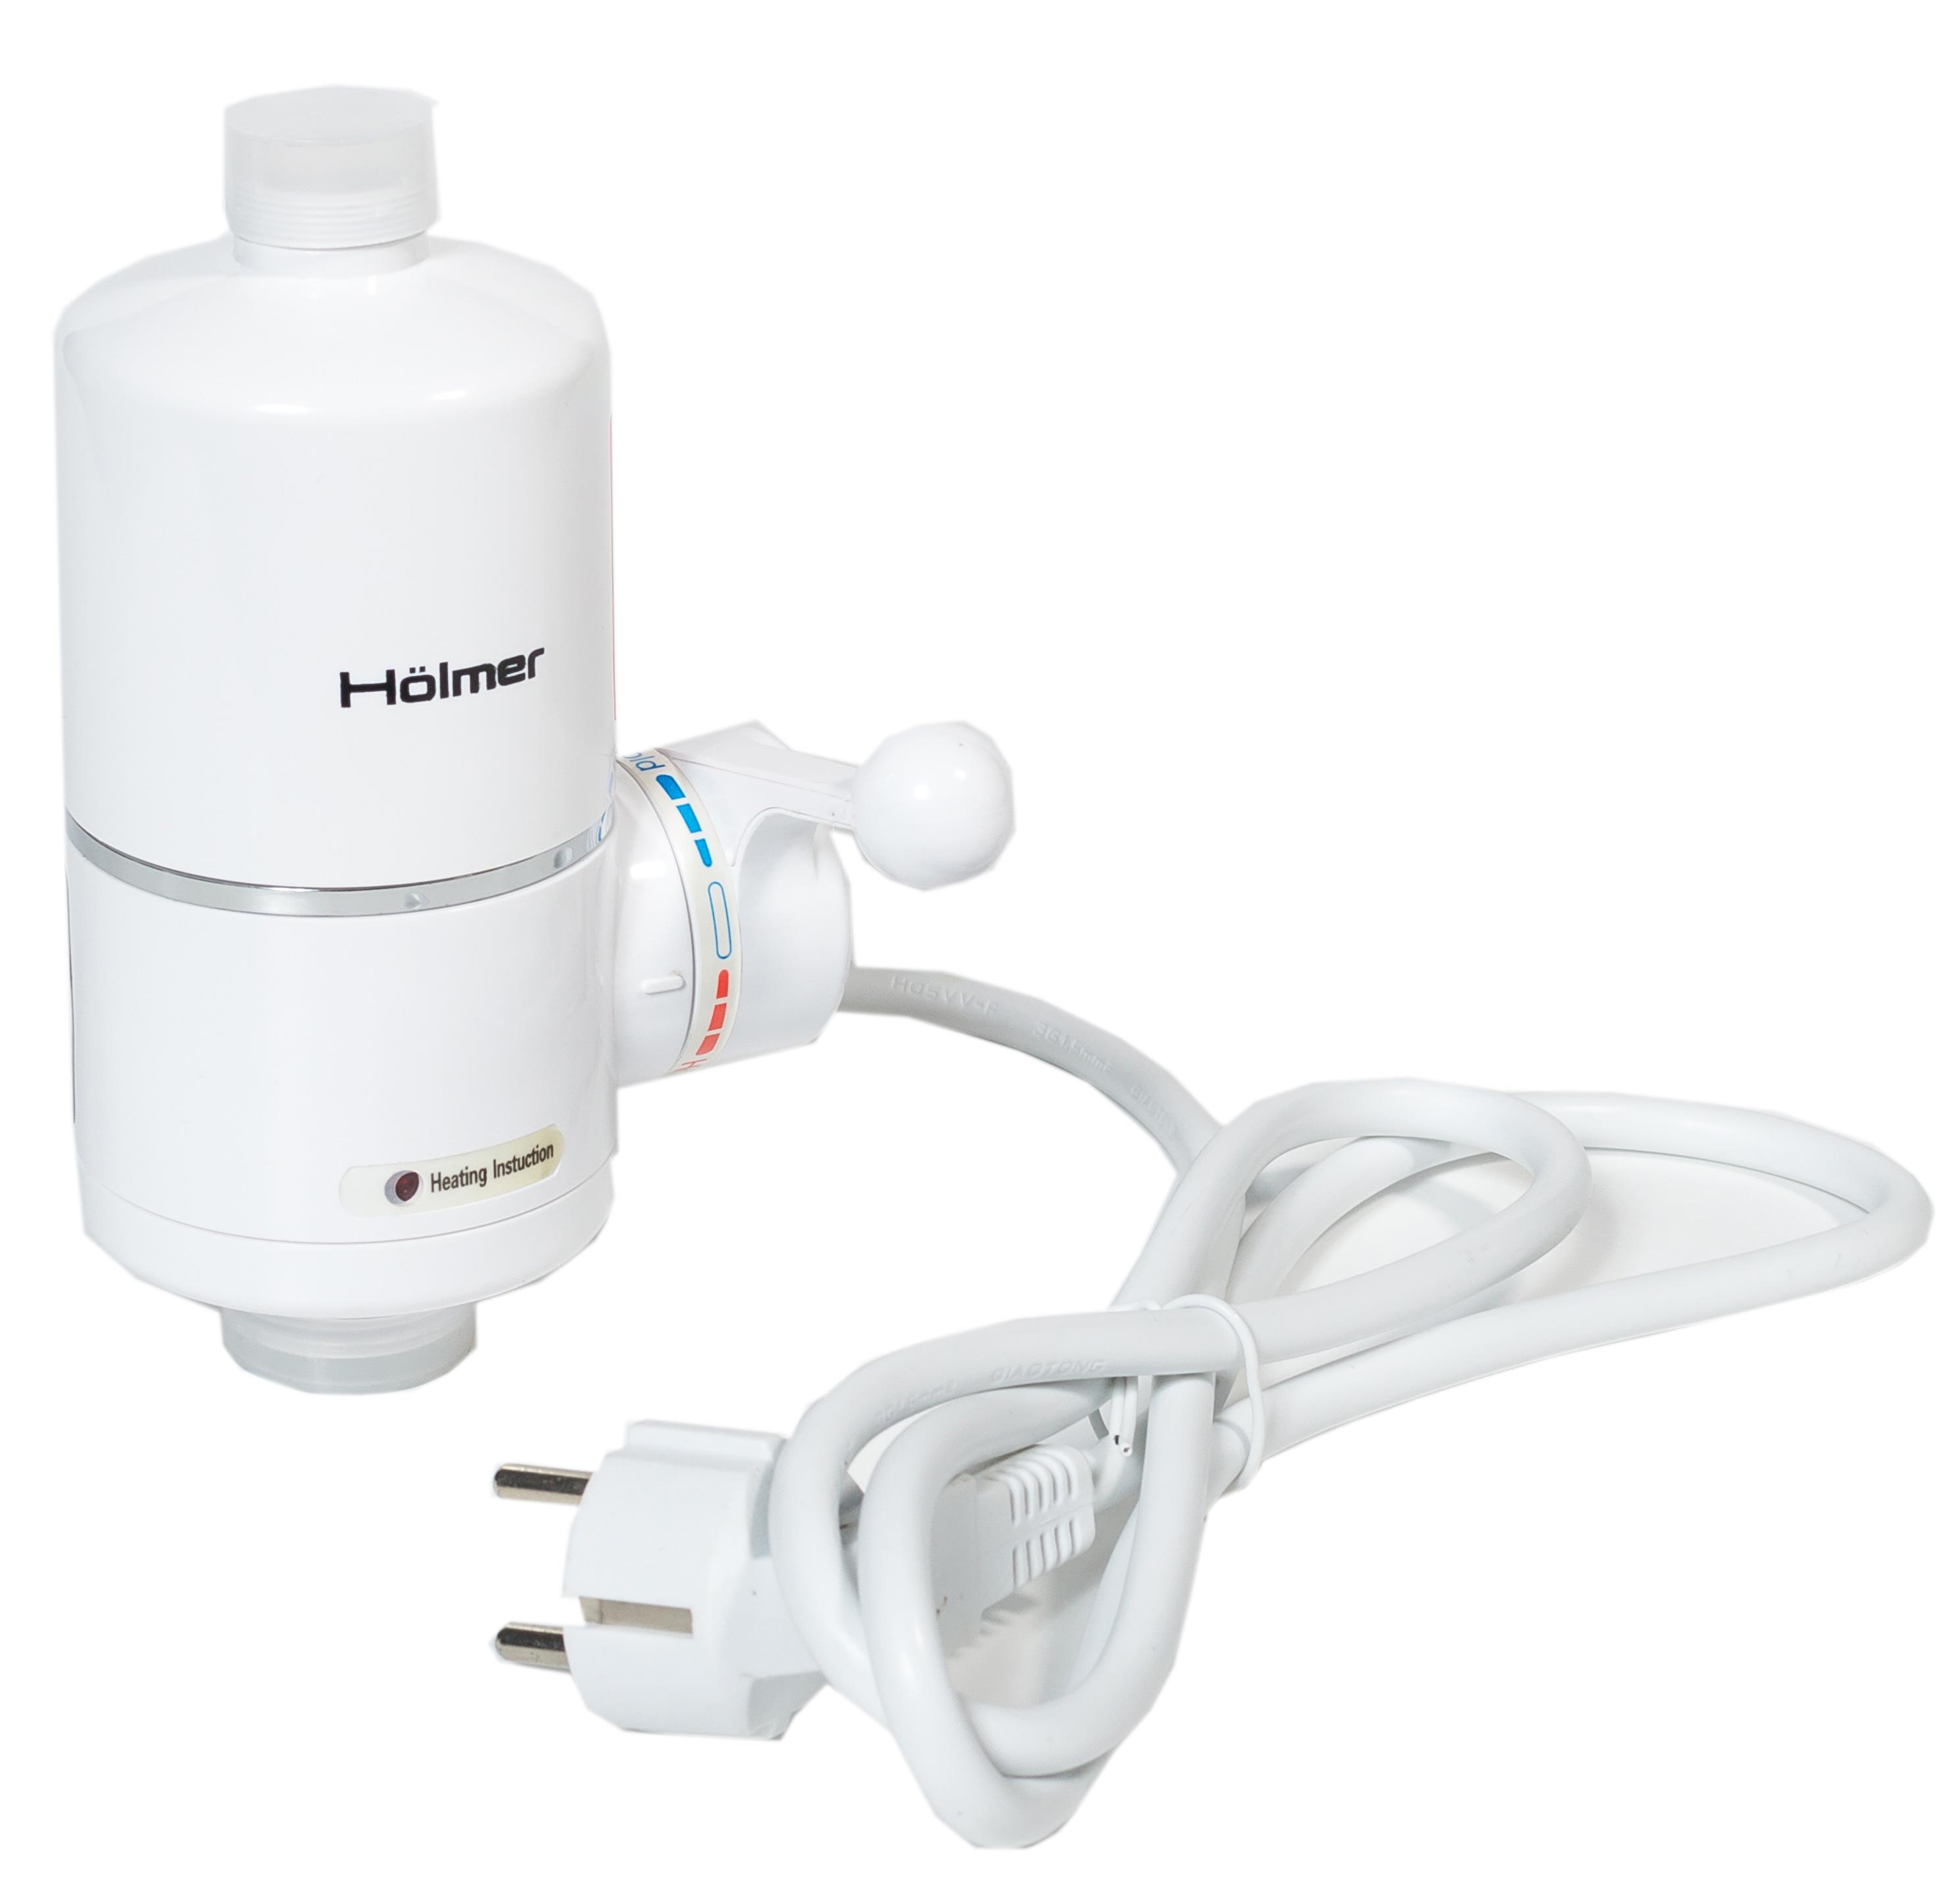 Електричний проточний водонагрівач Holmer HHW-101